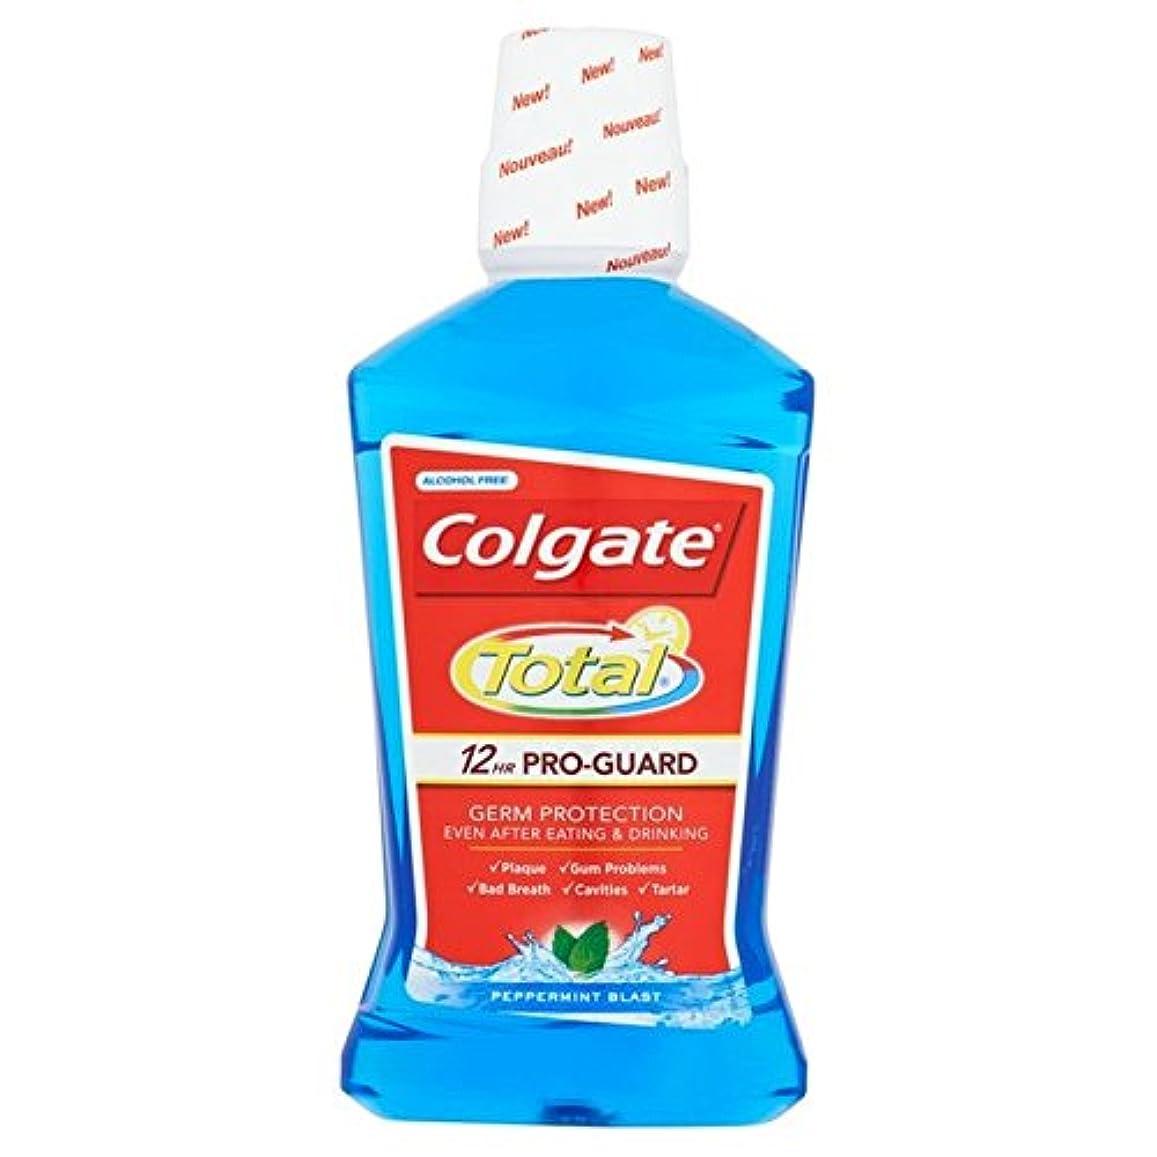 ガム贅沢アナリストコルゲートトータル高度なブルーマウスウォッシュ500ミリリットル x4 - Colgate Total Advanced Blue Mouthwash 500ml (Pack of 4) [並行輸入品]